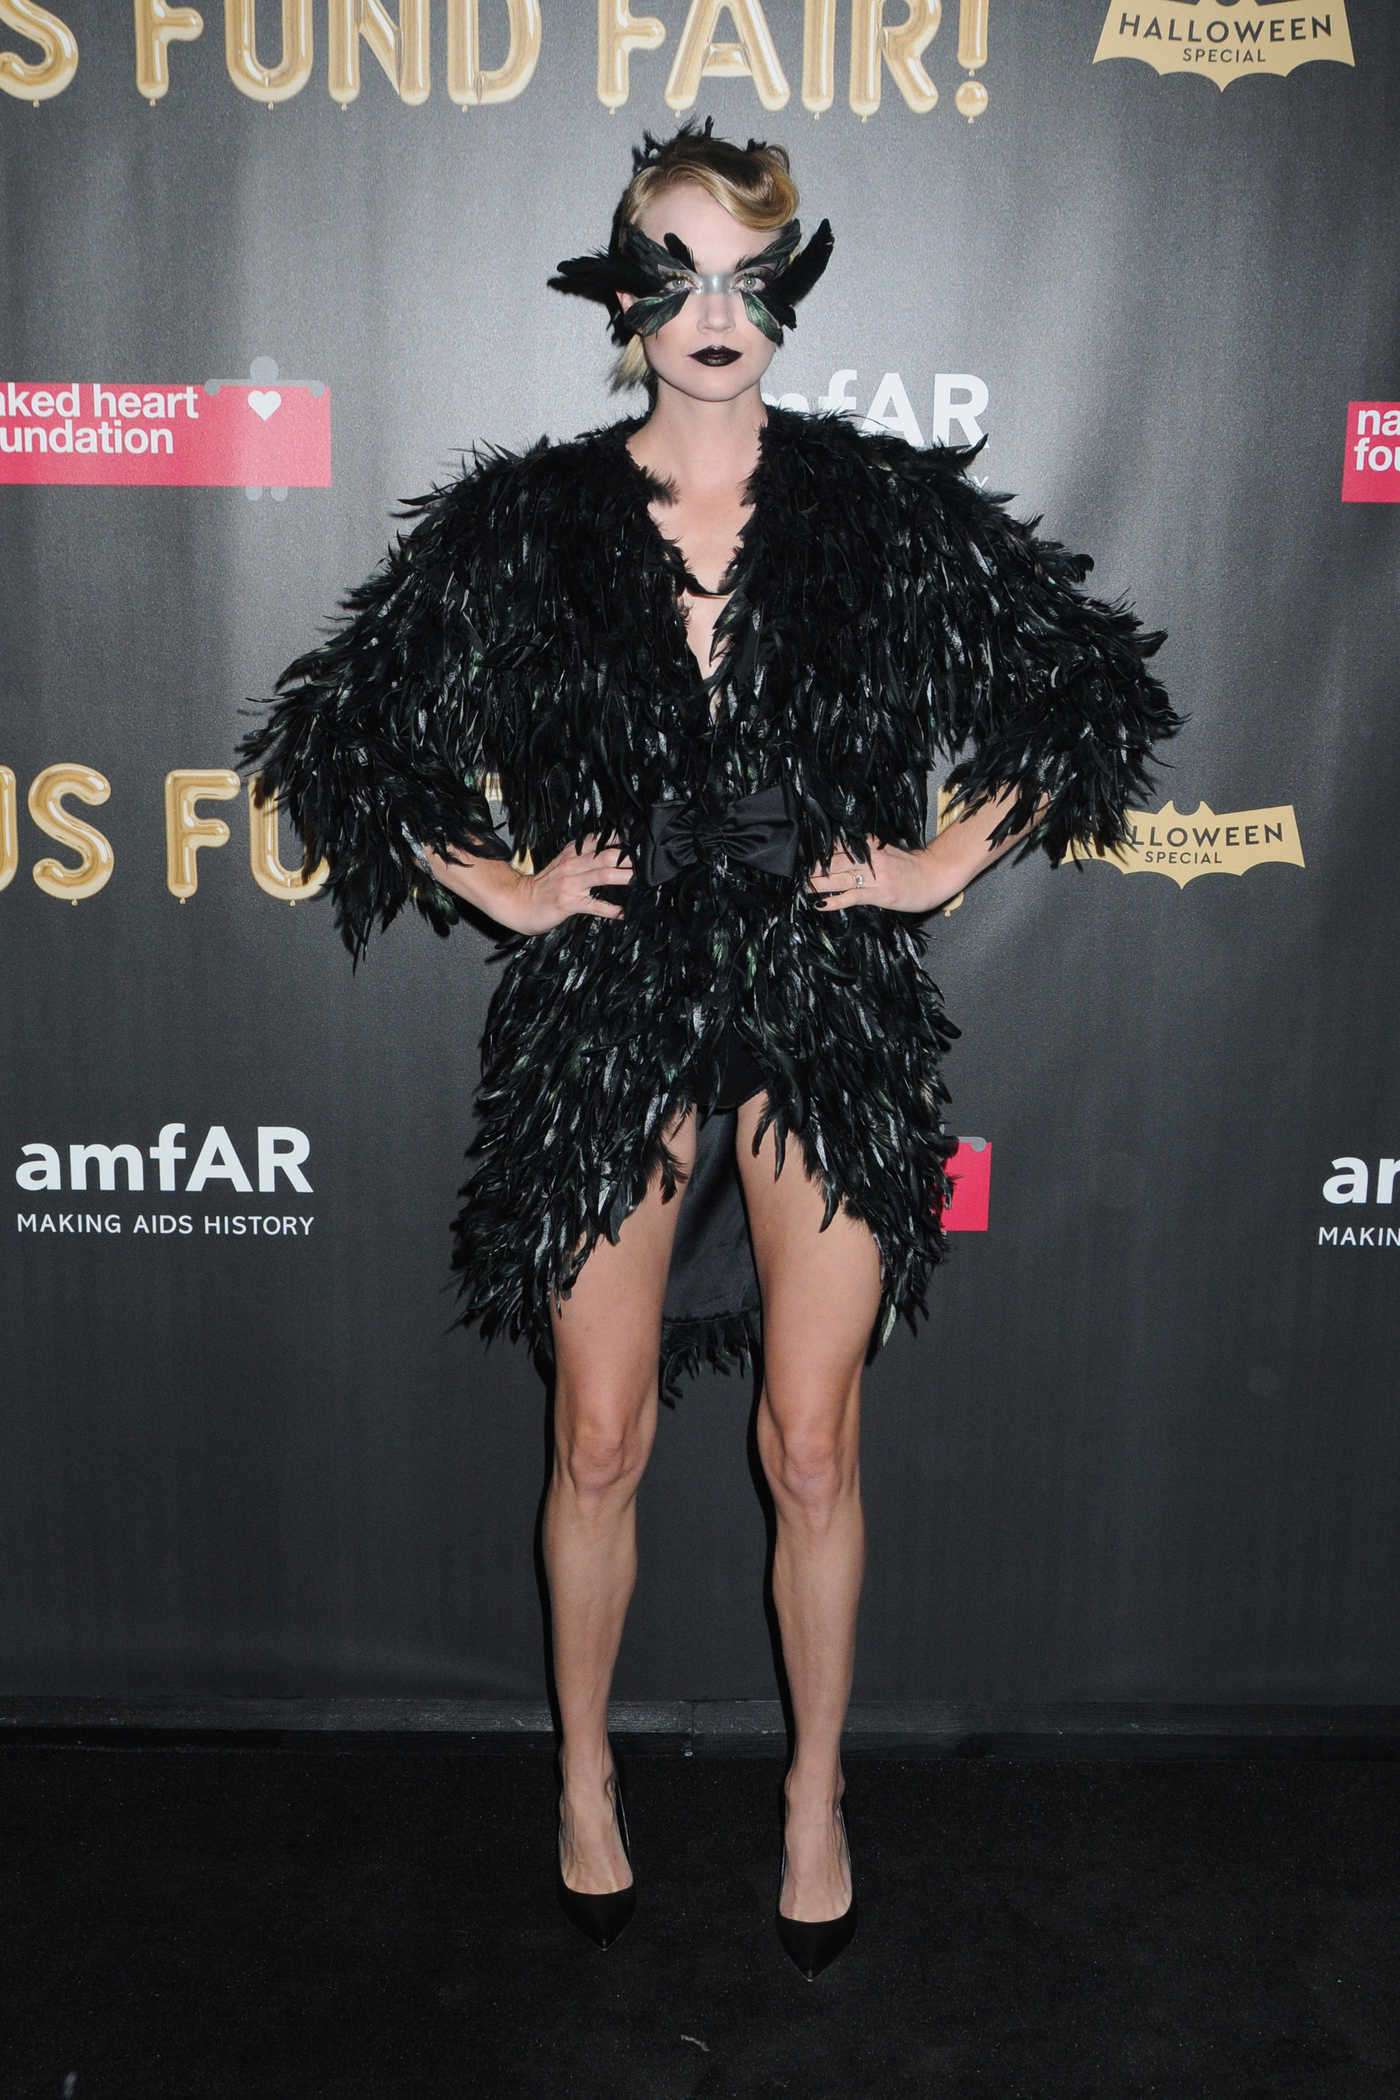 Lindsay Ellingson at 2017 amfAR Fabulous Fund Fair in NYC 10/28/2017